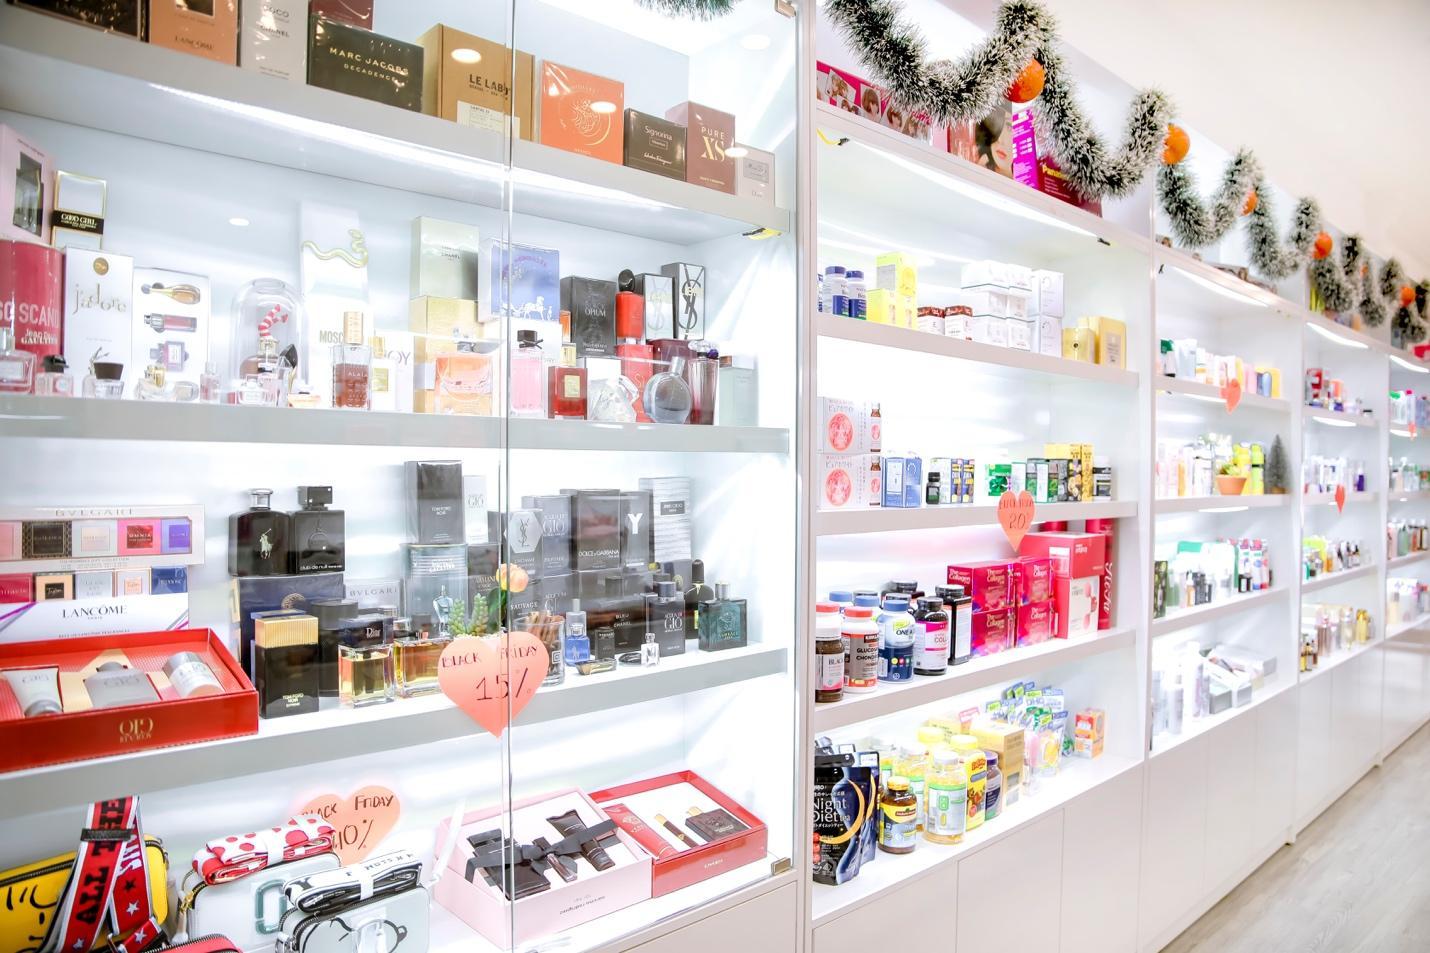 Trần Phi Yến Store – Shop thời trang, mỹ phẩm quen thuộc của phái đẹp Đồng Nai - Ảnh 5